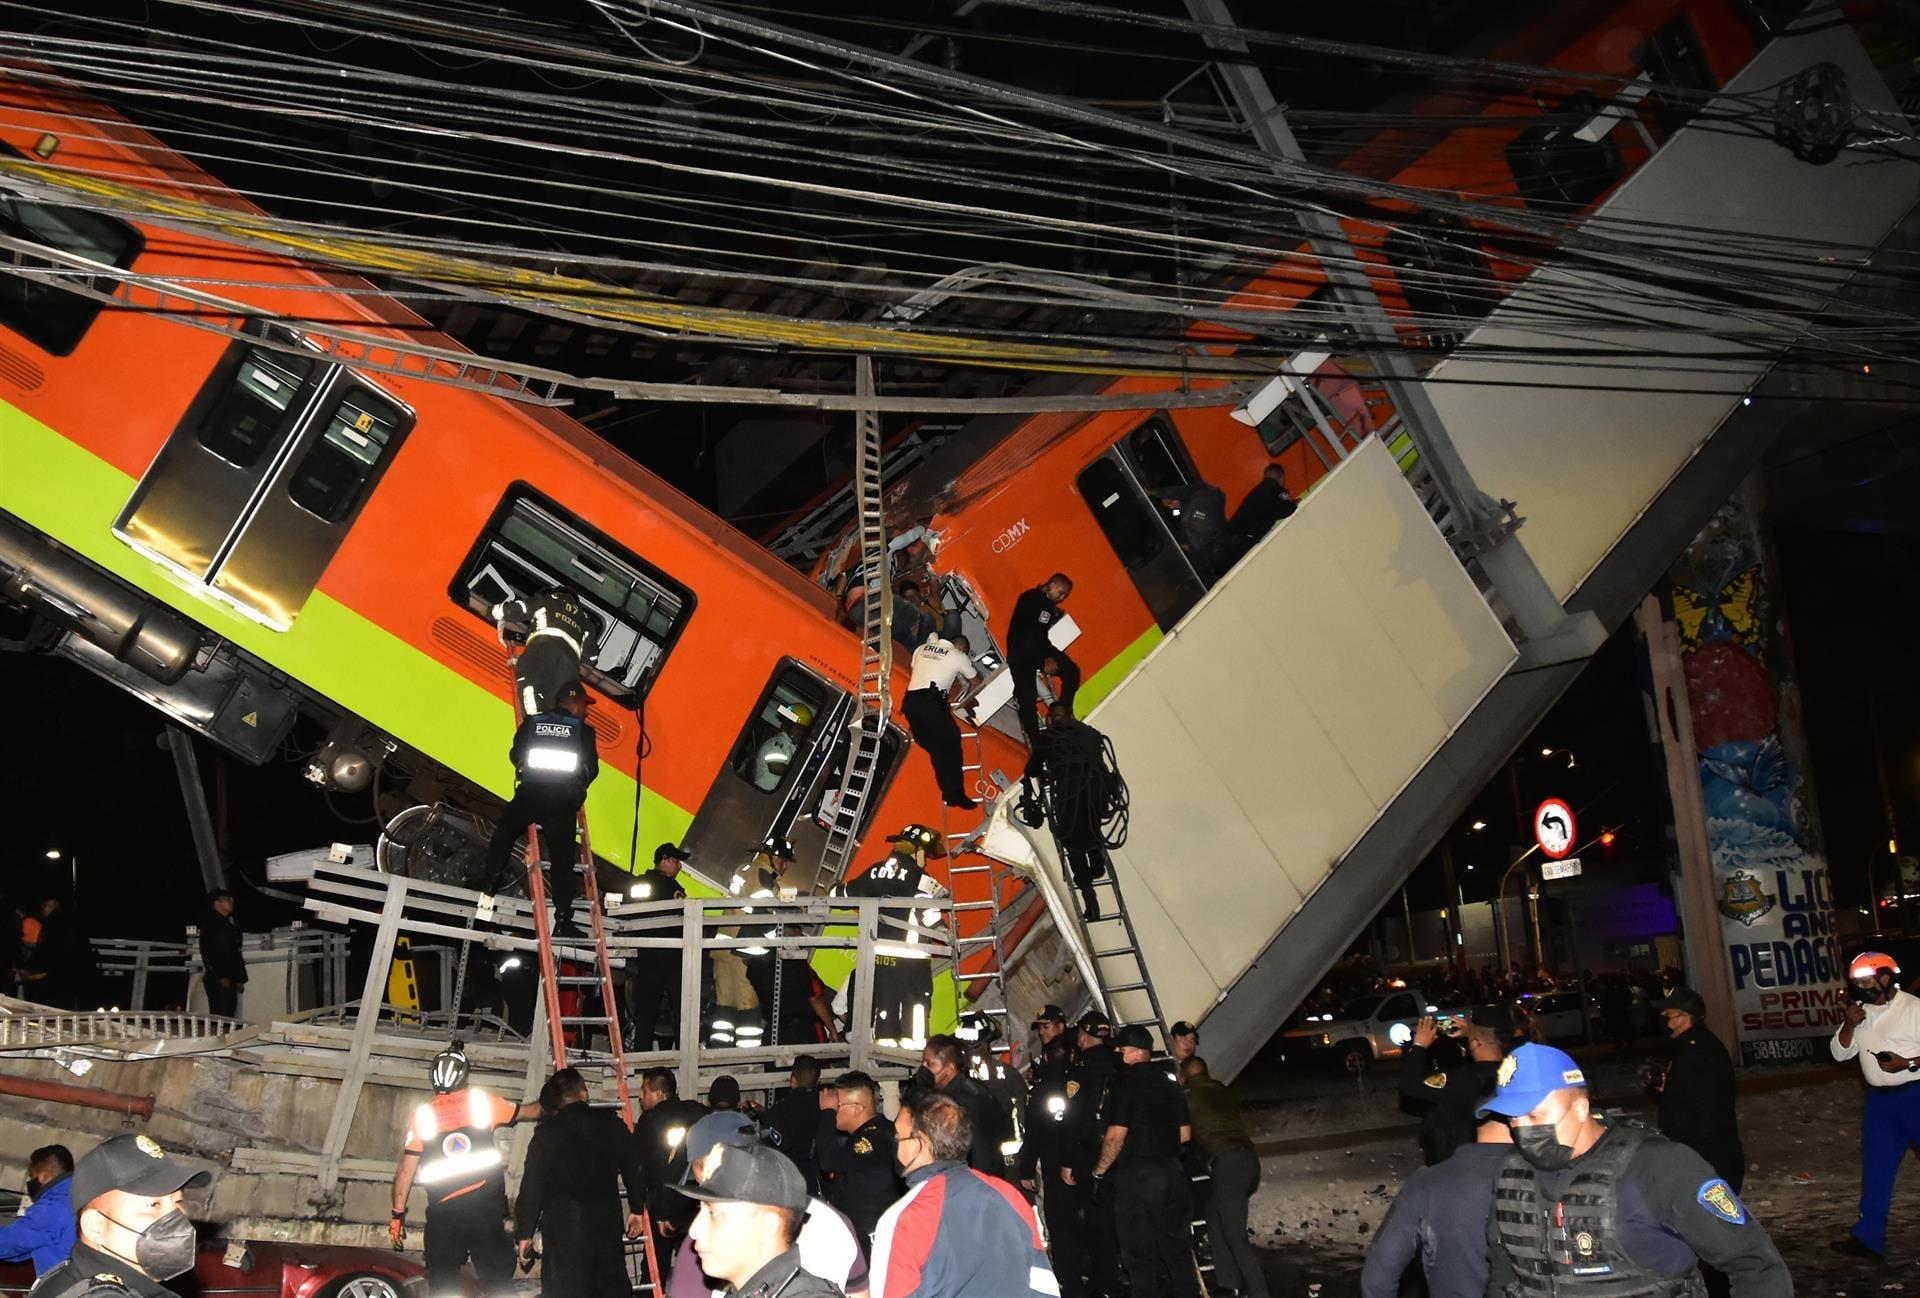 Más de 20 muertos y decenas de heridos deja accidente de Metro de Ciudad de México